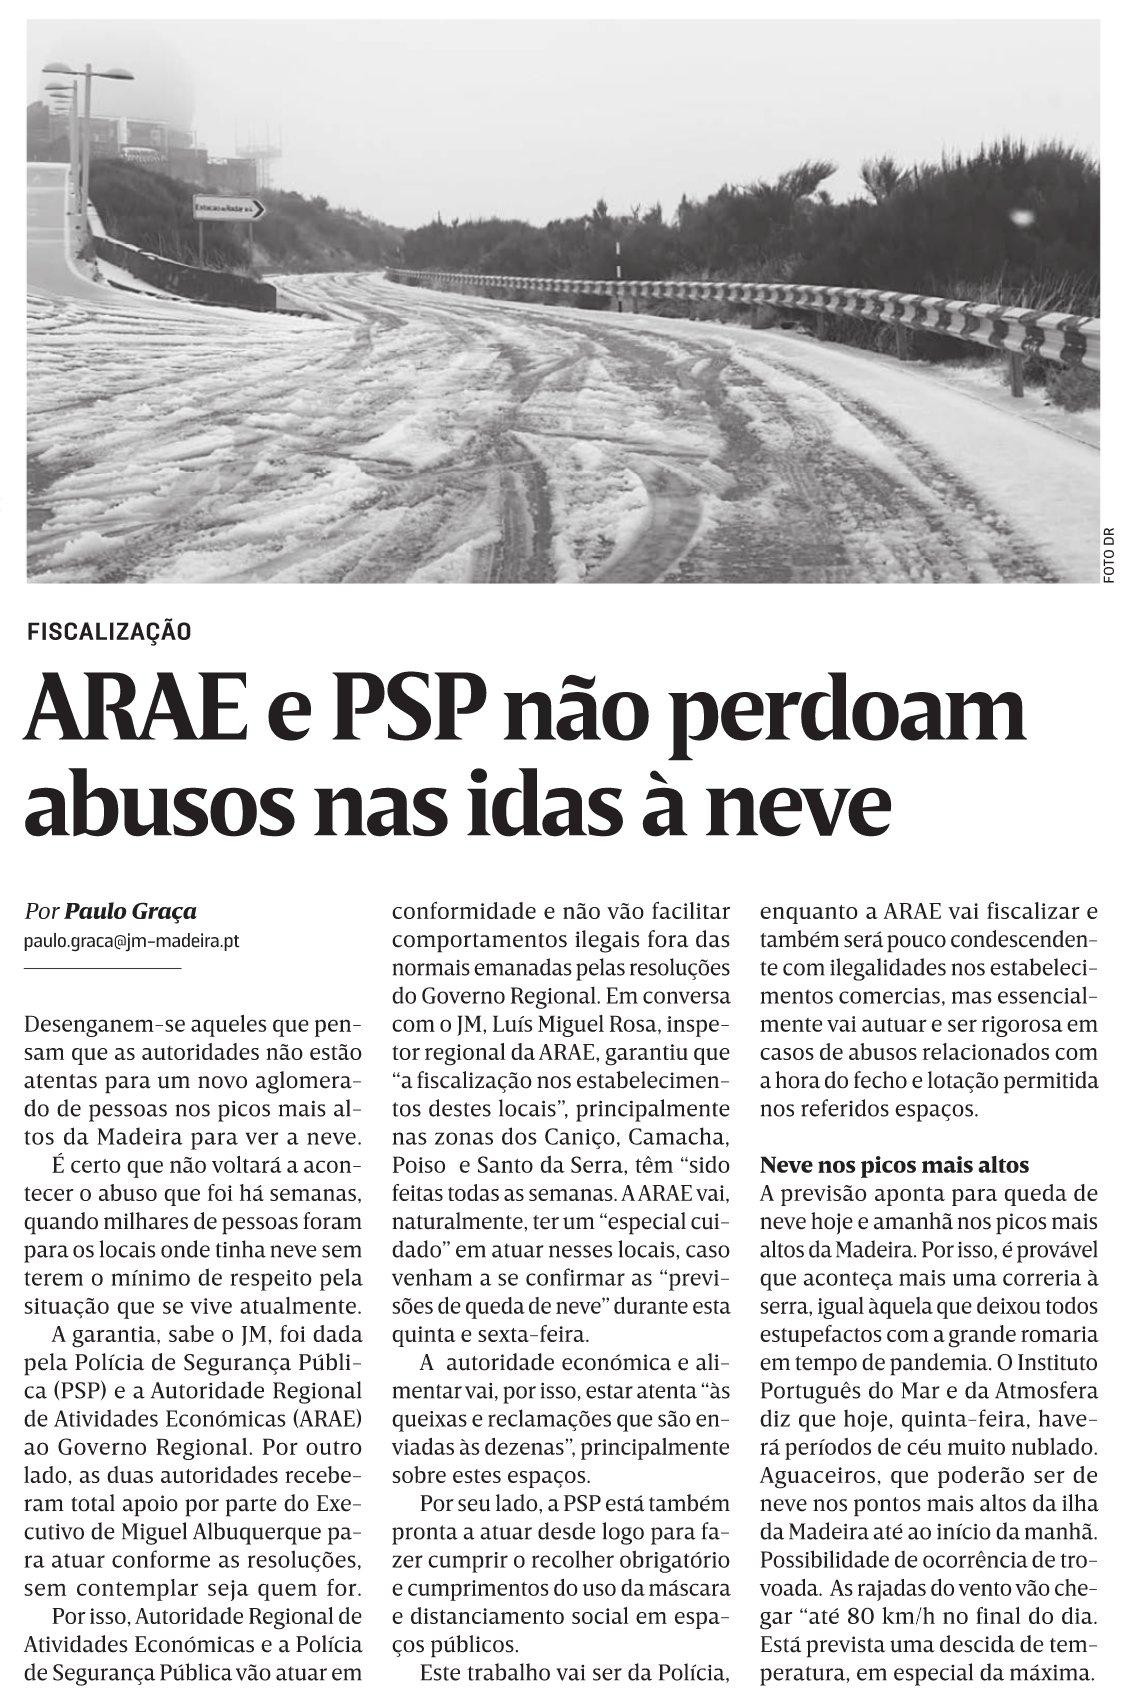 in JM-Madeira, edição de 04/02/2021